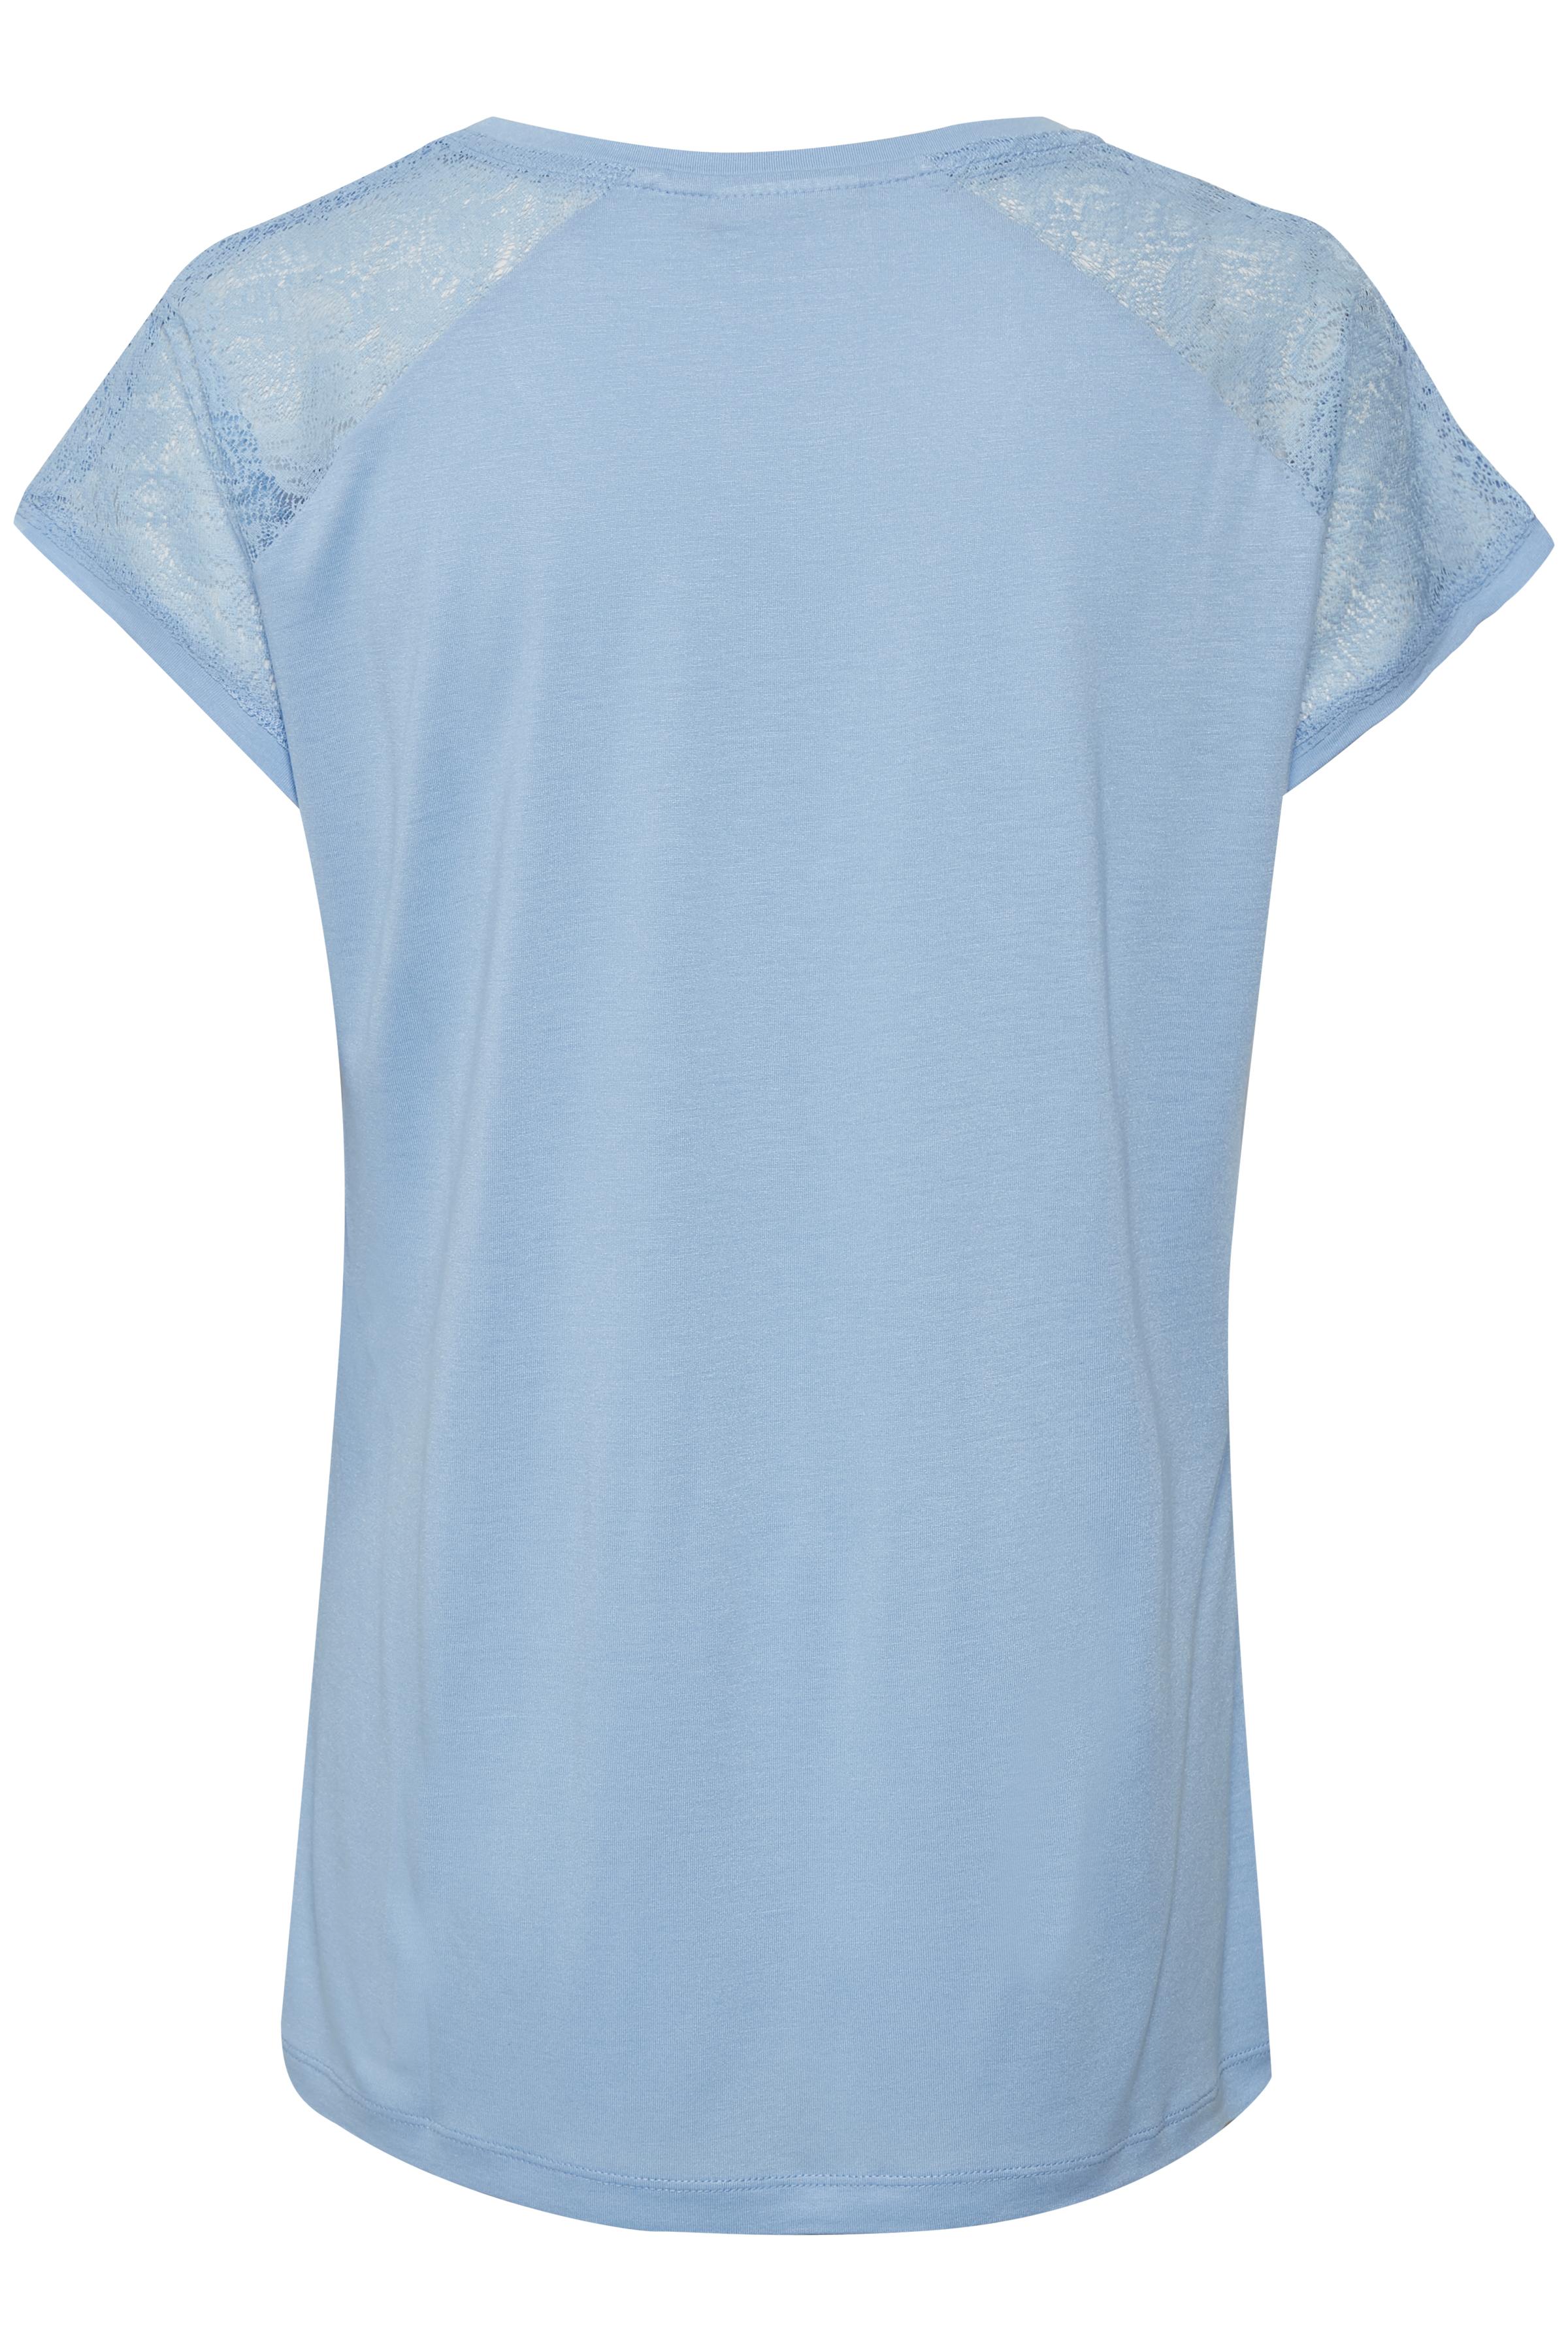 Lyseblå Kortærmet T-shirt fra Kaffe – Køb Lyseblå Kortærmet T-shirt fra str. XS-XXL her